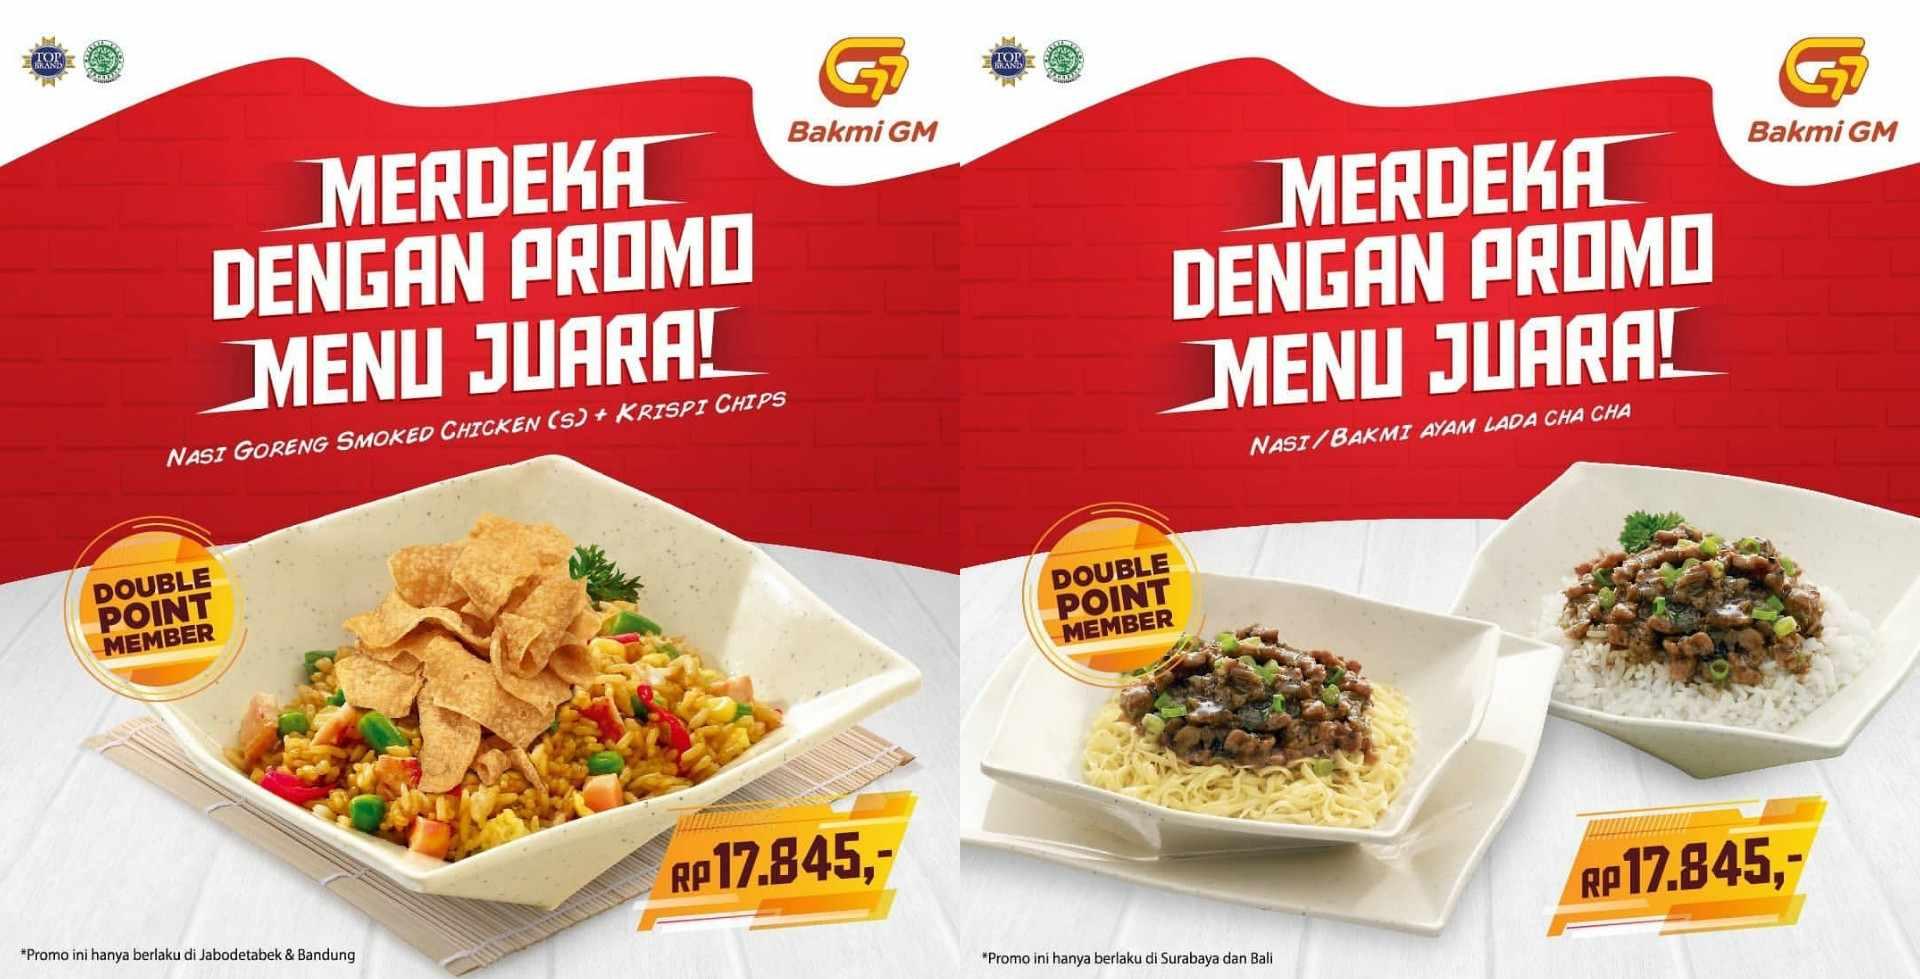 Diskon BAKMI GM Promo Merdeka only Rp.17.845*